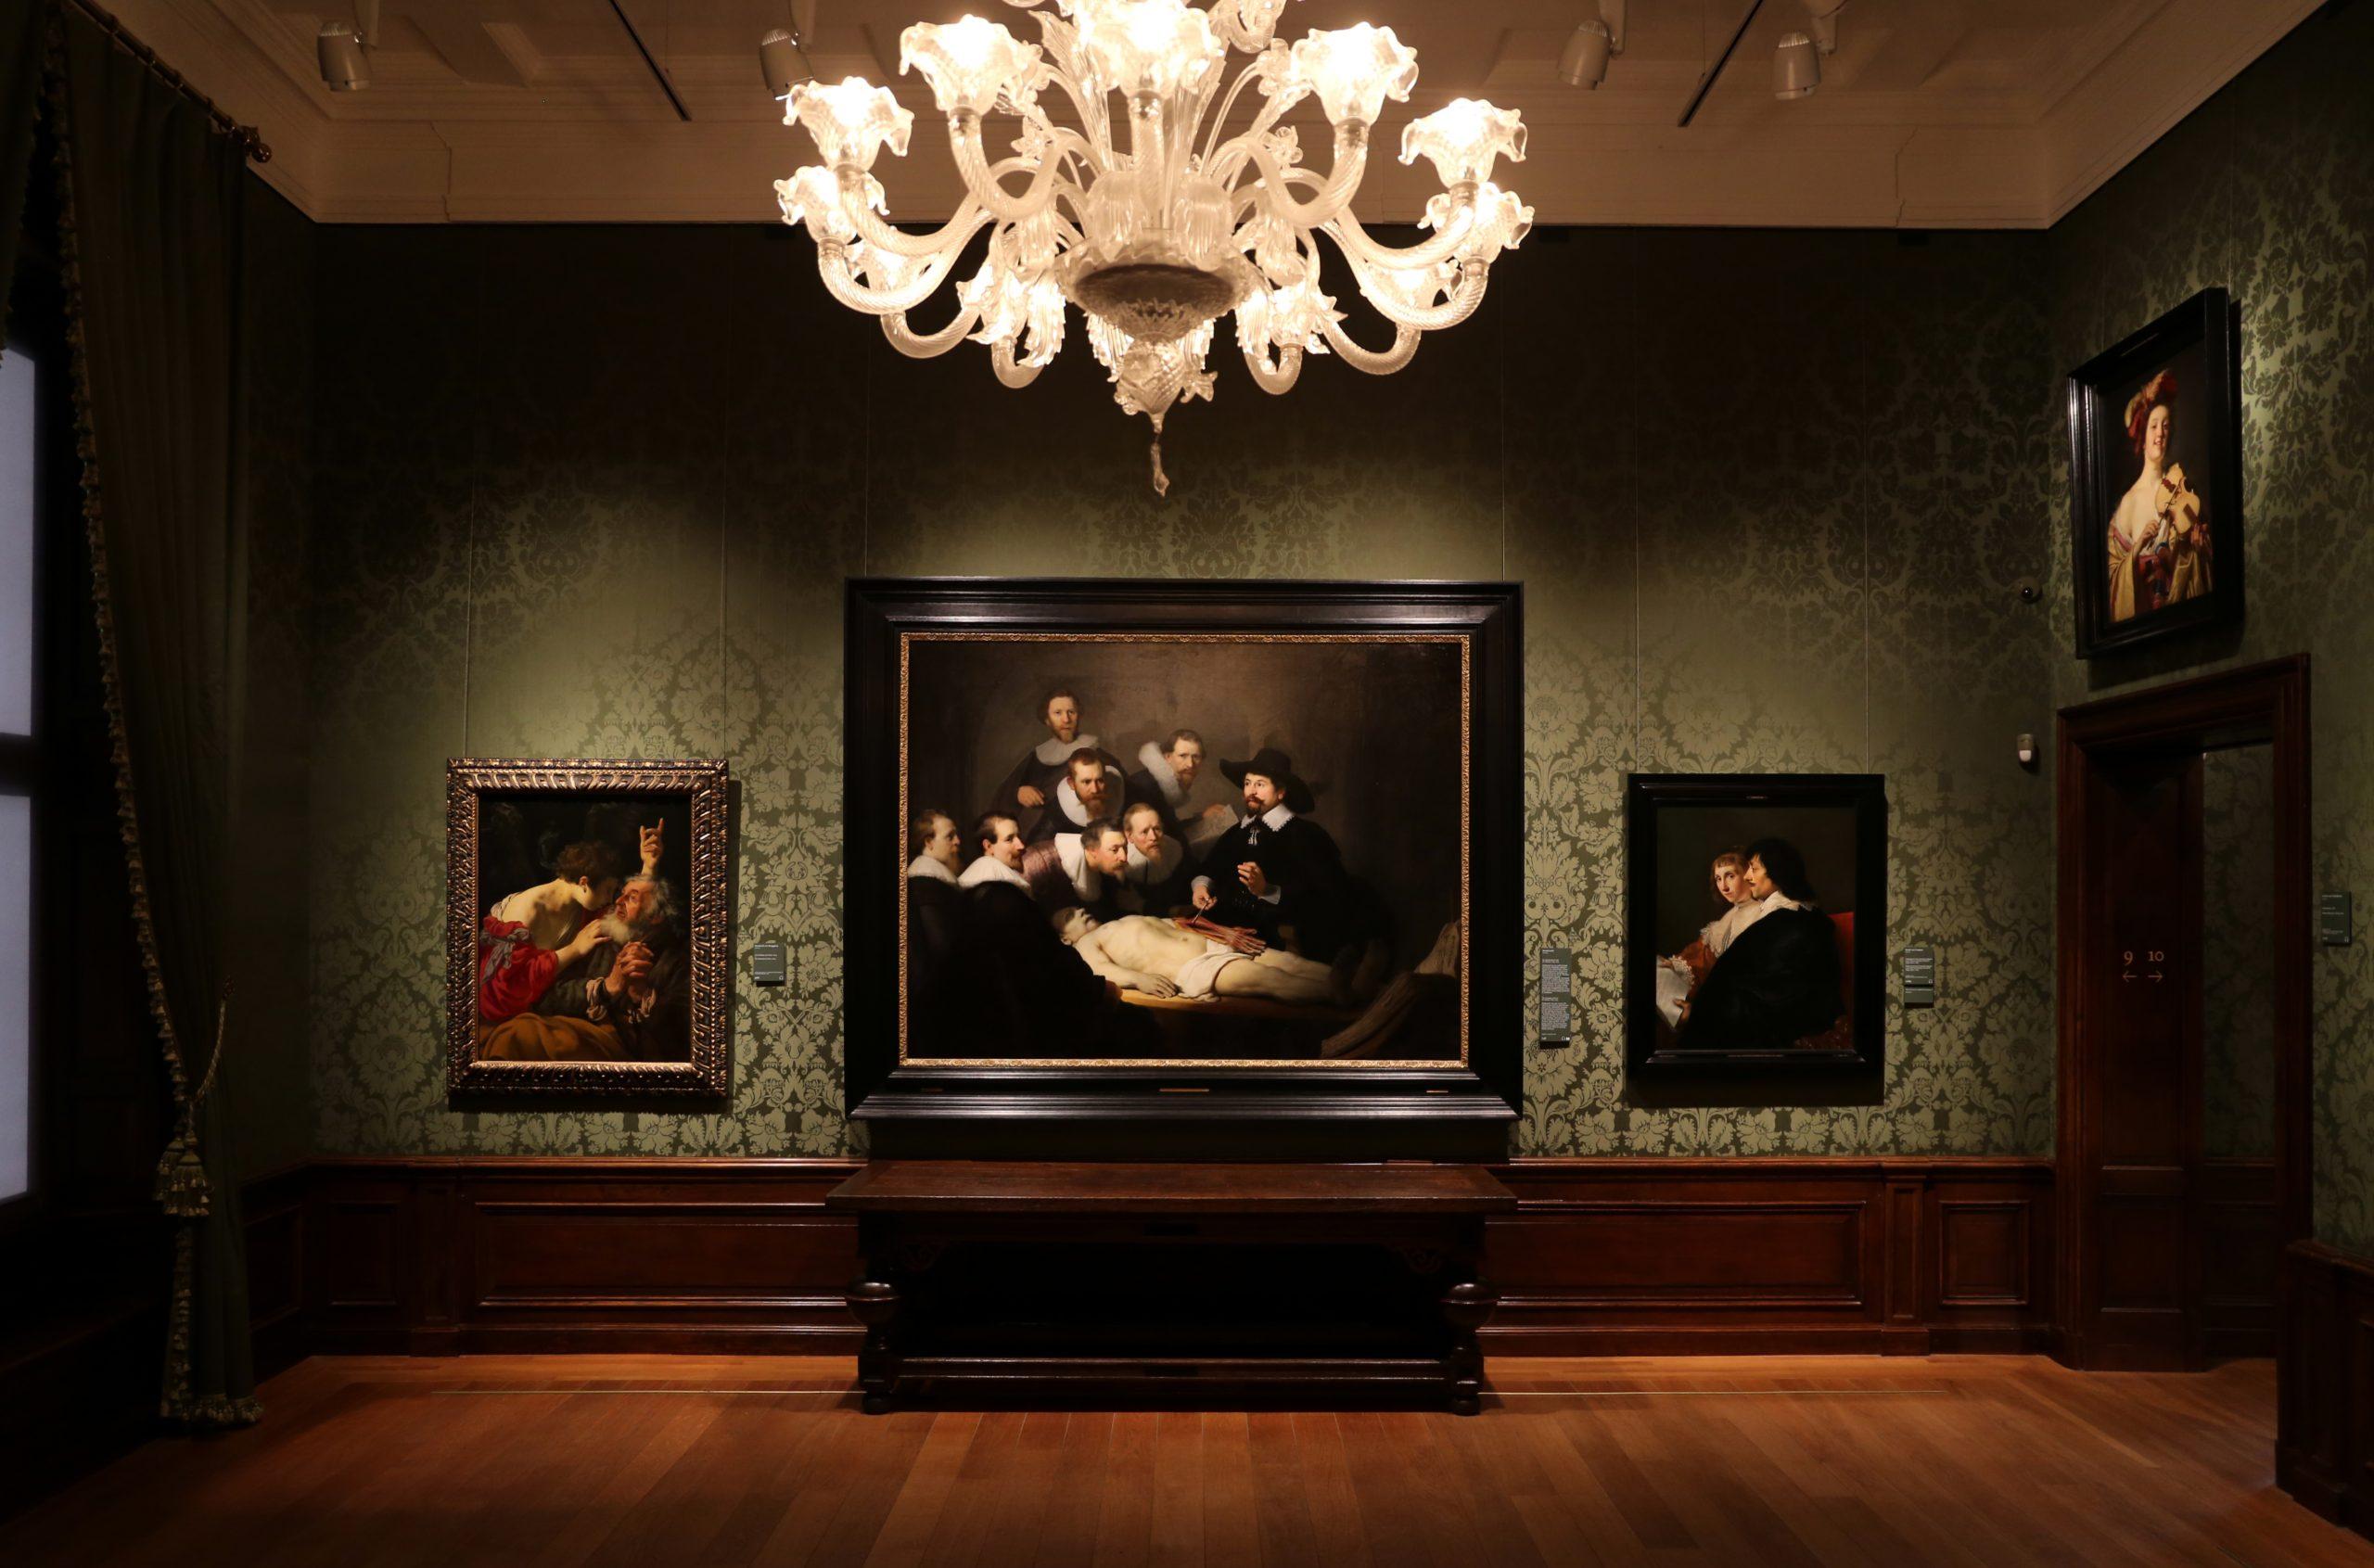 Storia dell'anatomia tra arte e scienza - Parte 2 - Dott. Matteo Balocco